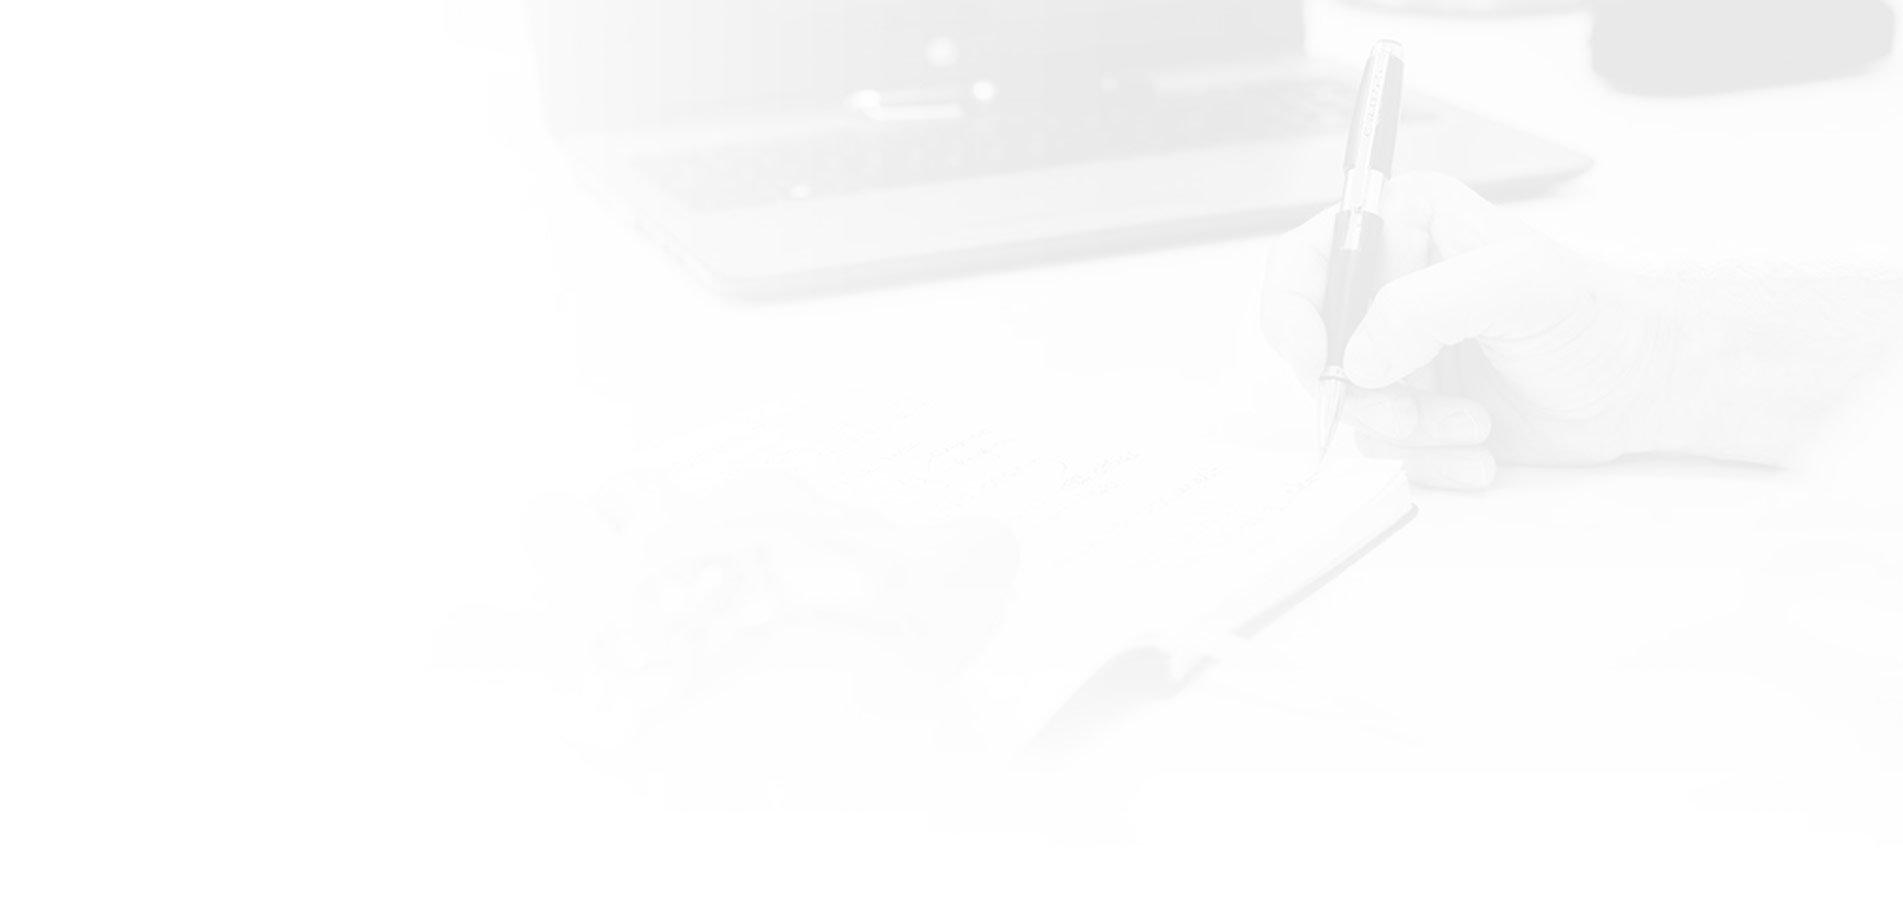 White-Services-banner-long.jpg